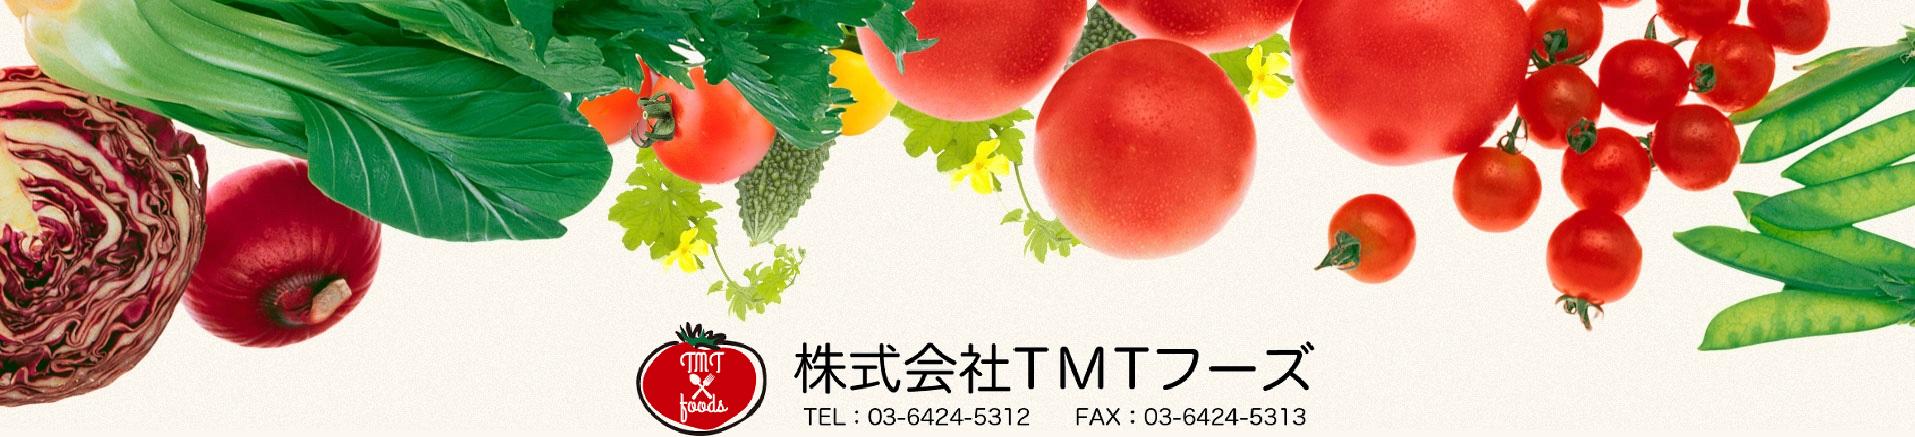 株式会社TMTフーズ